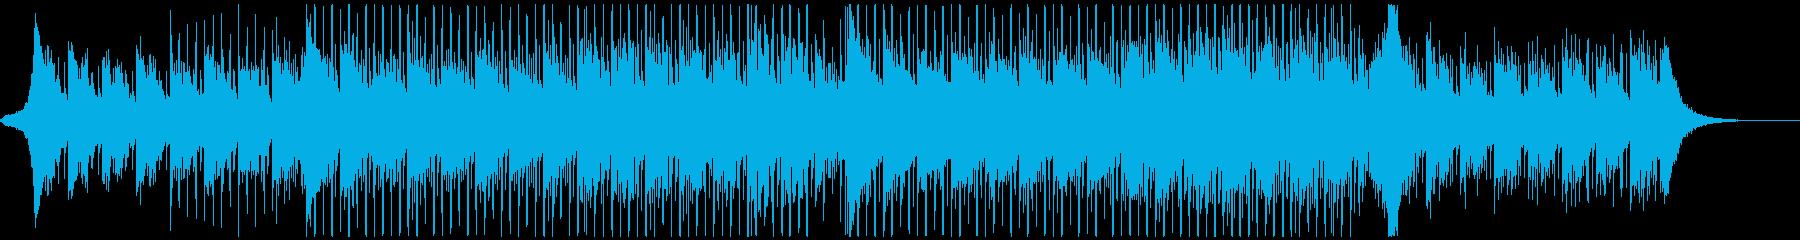 誠実なイメージのBGM。4つ打ち/ハウスの再生済みの波形